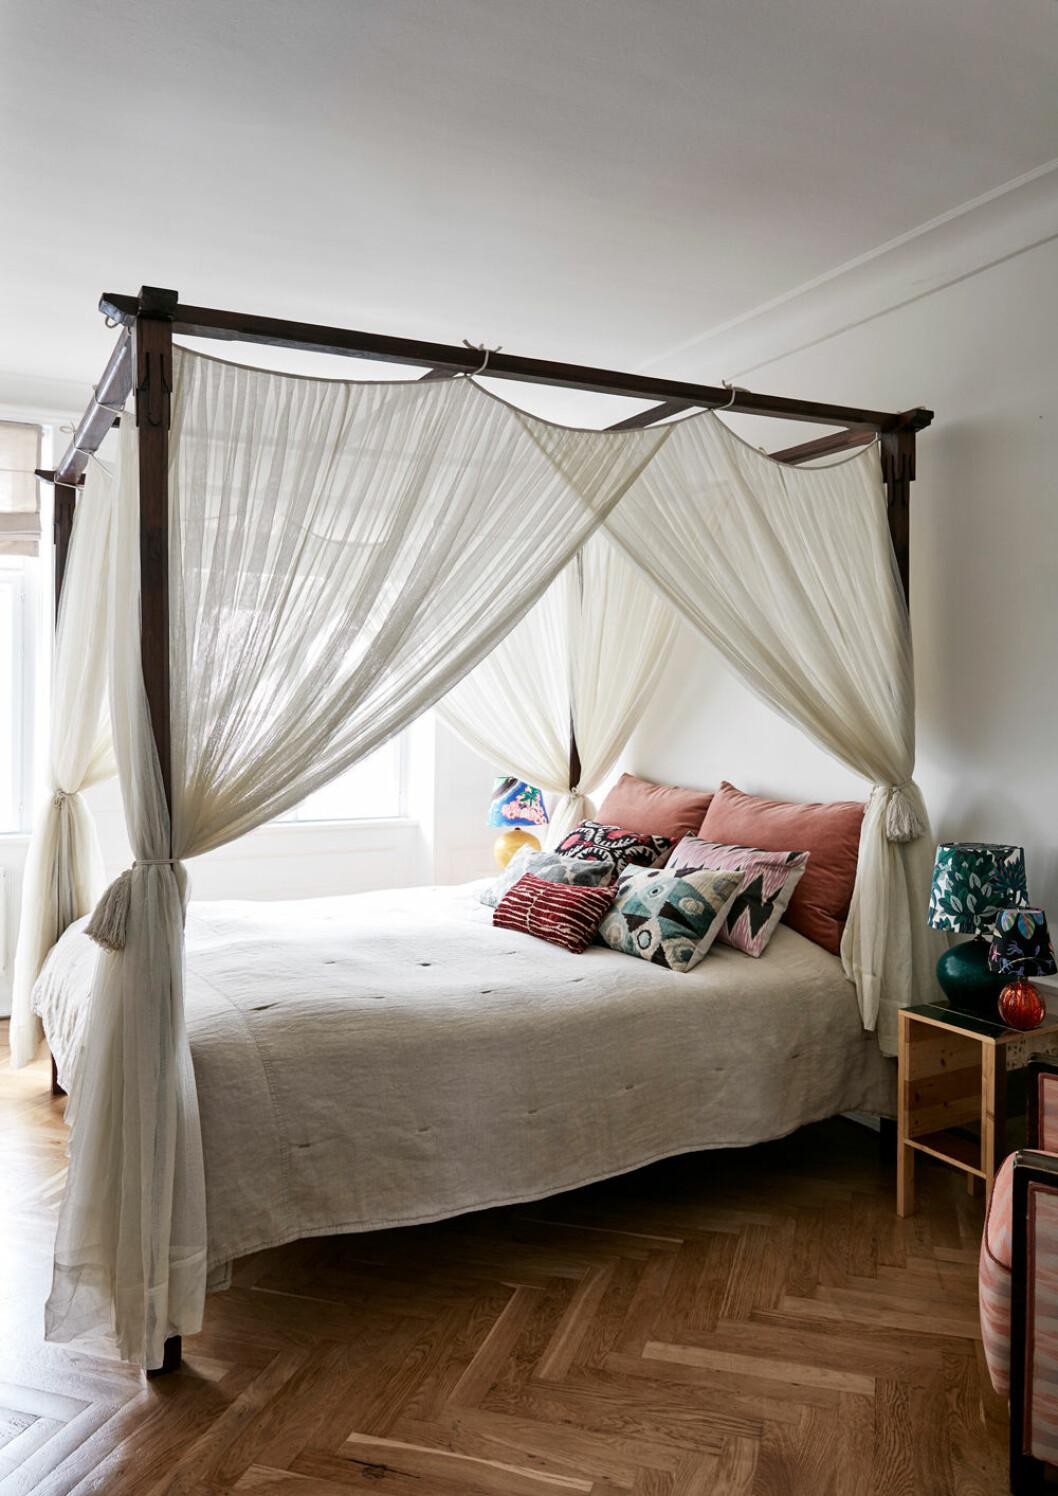 Hemma hos Emili Sindlev Köpenhamn sovrum sänghimmel